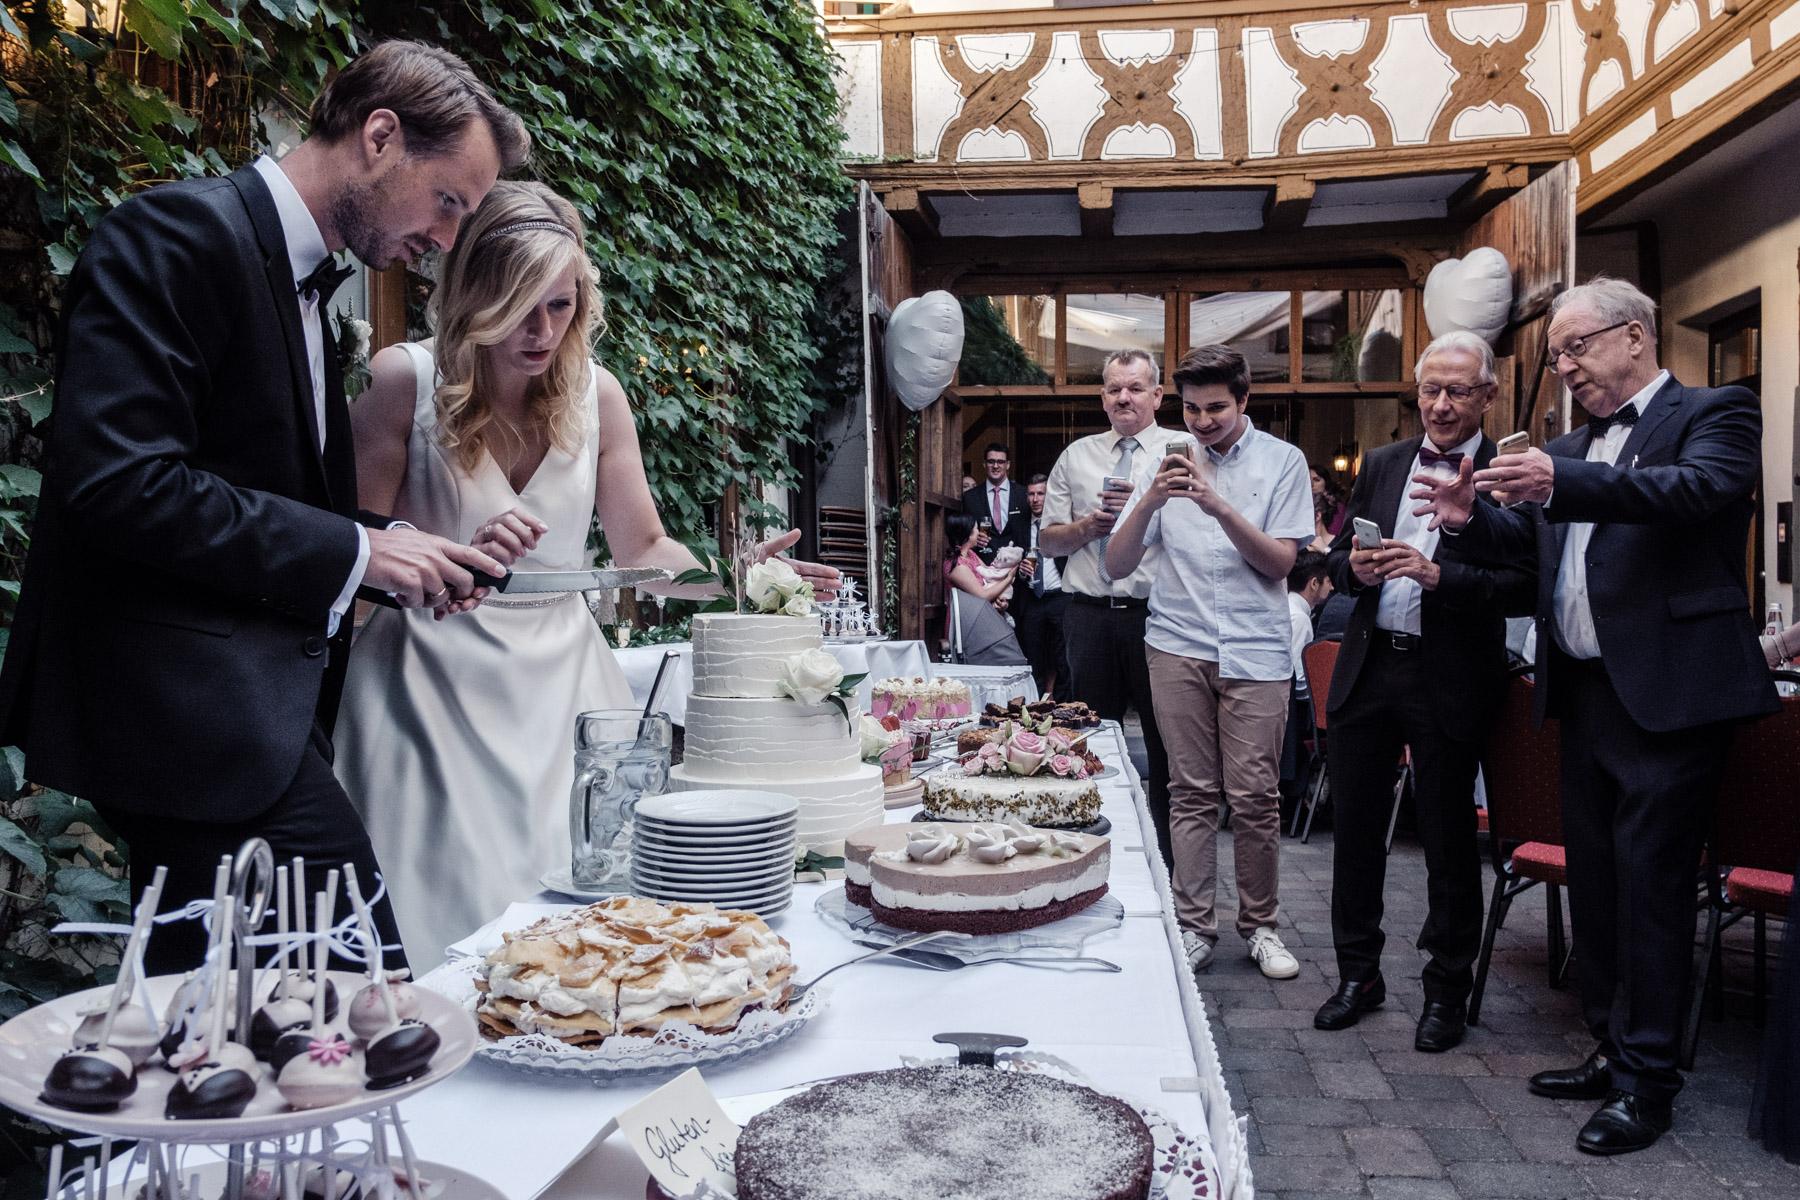 MartinLiebl_Kein_Hochzeitsfotograf_Blog_CWF_Bad_Neustadt_44.jpg